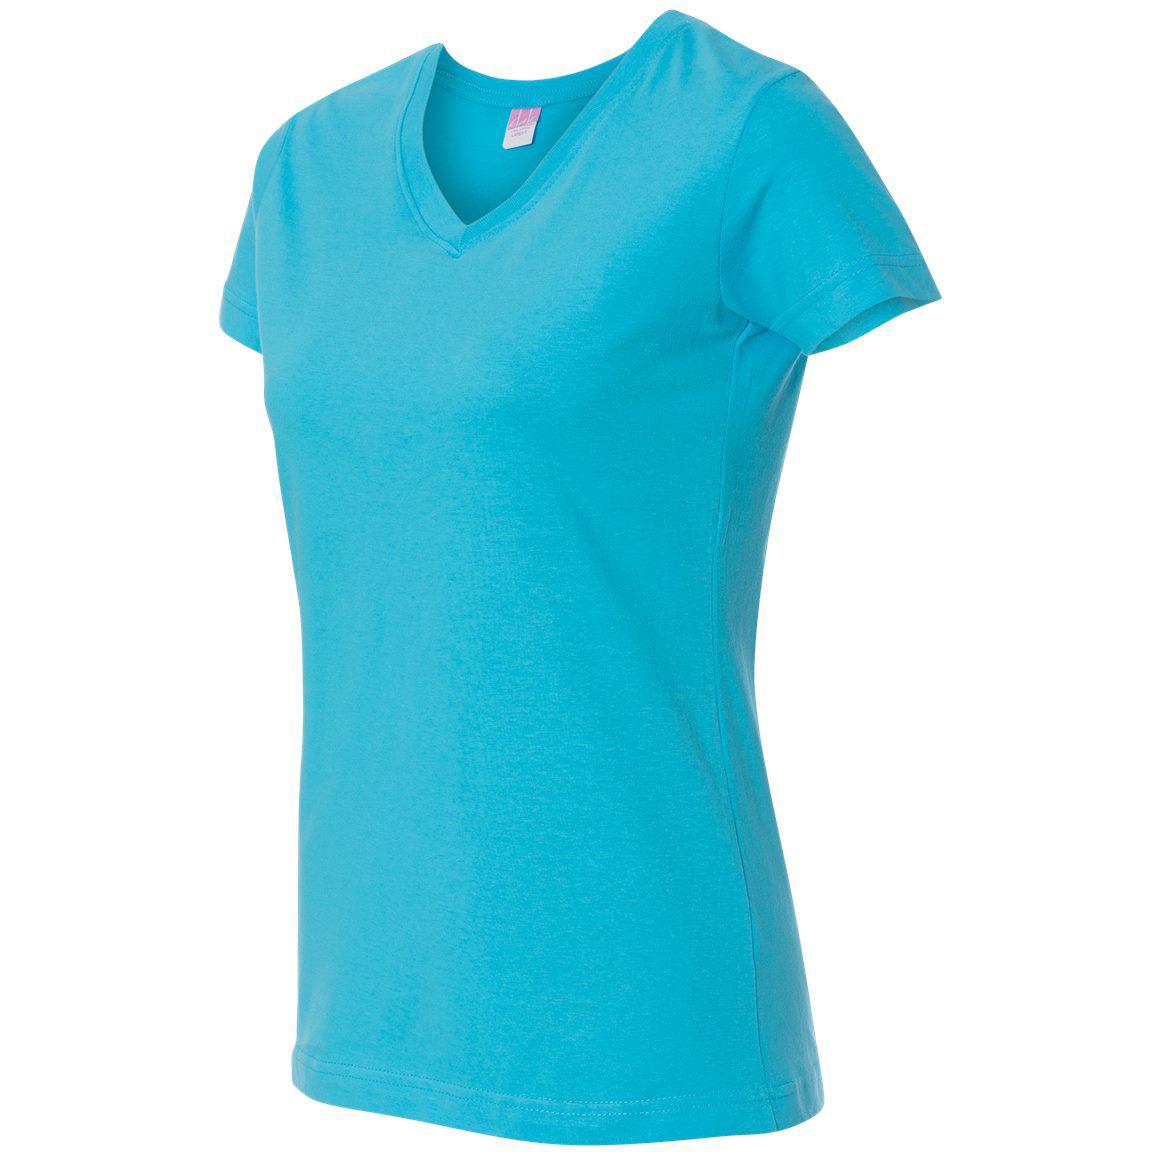 Lat 3507 women 39 s fine jersey v neck t shirt aqua for Aqua blue color t shirt